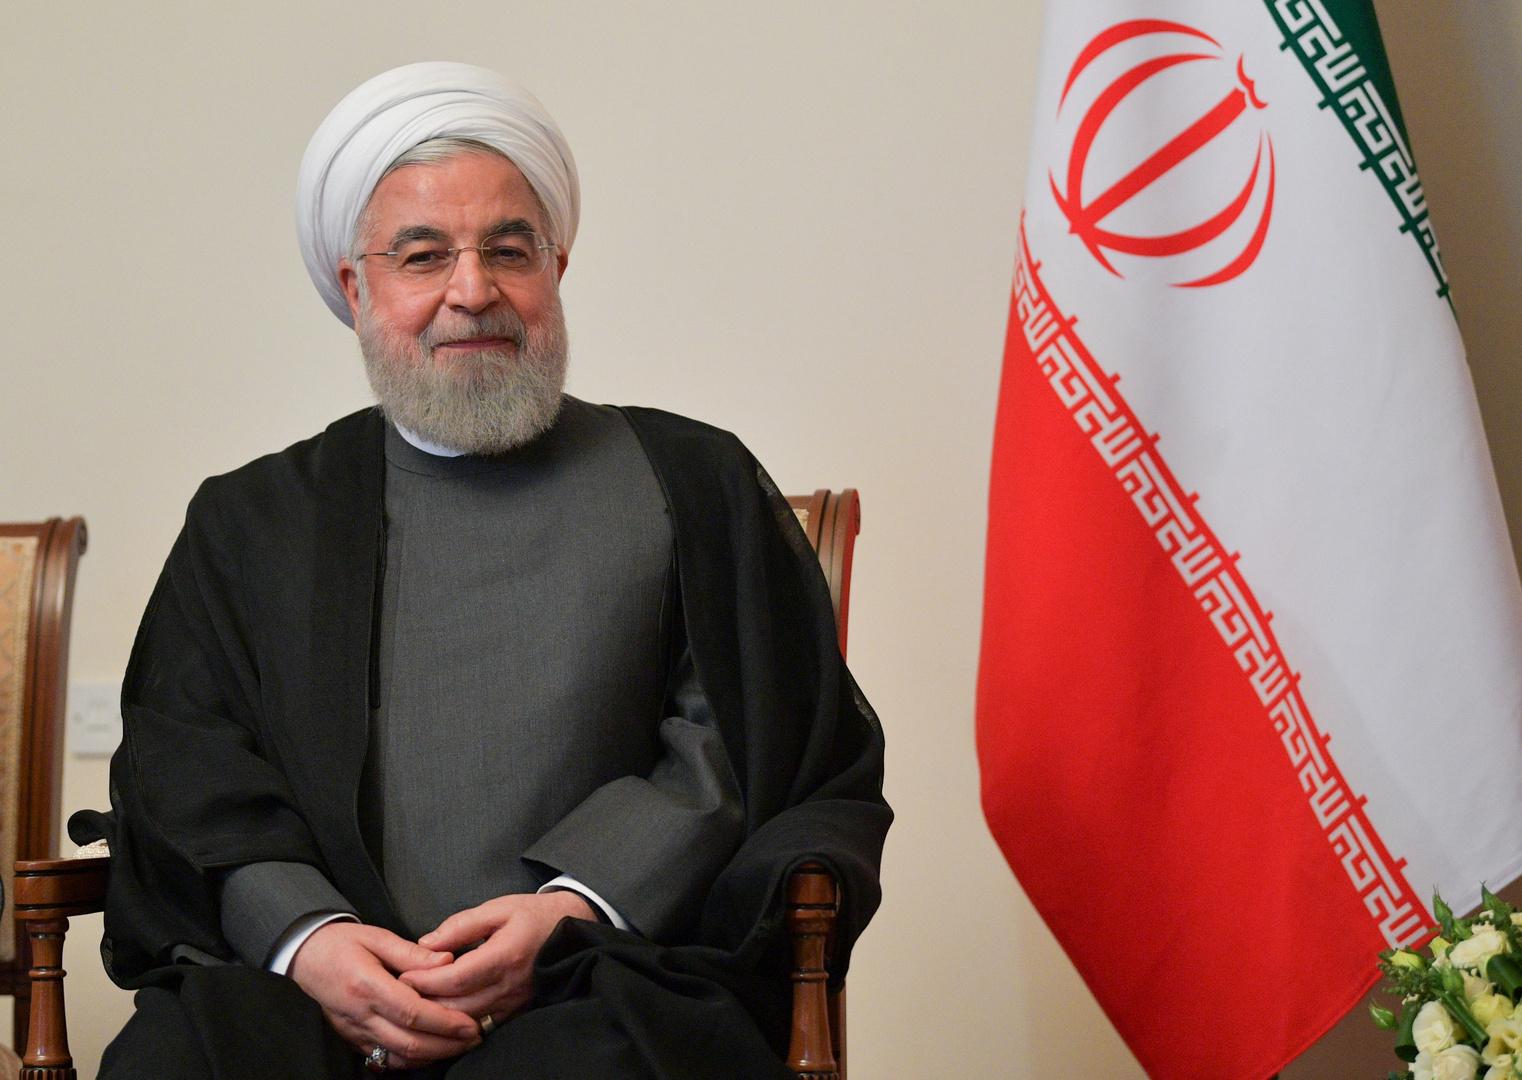 خلال استقباله وزير الخارجية الباكستاني..روحاني يحدد دور طهران وإسلام آباد